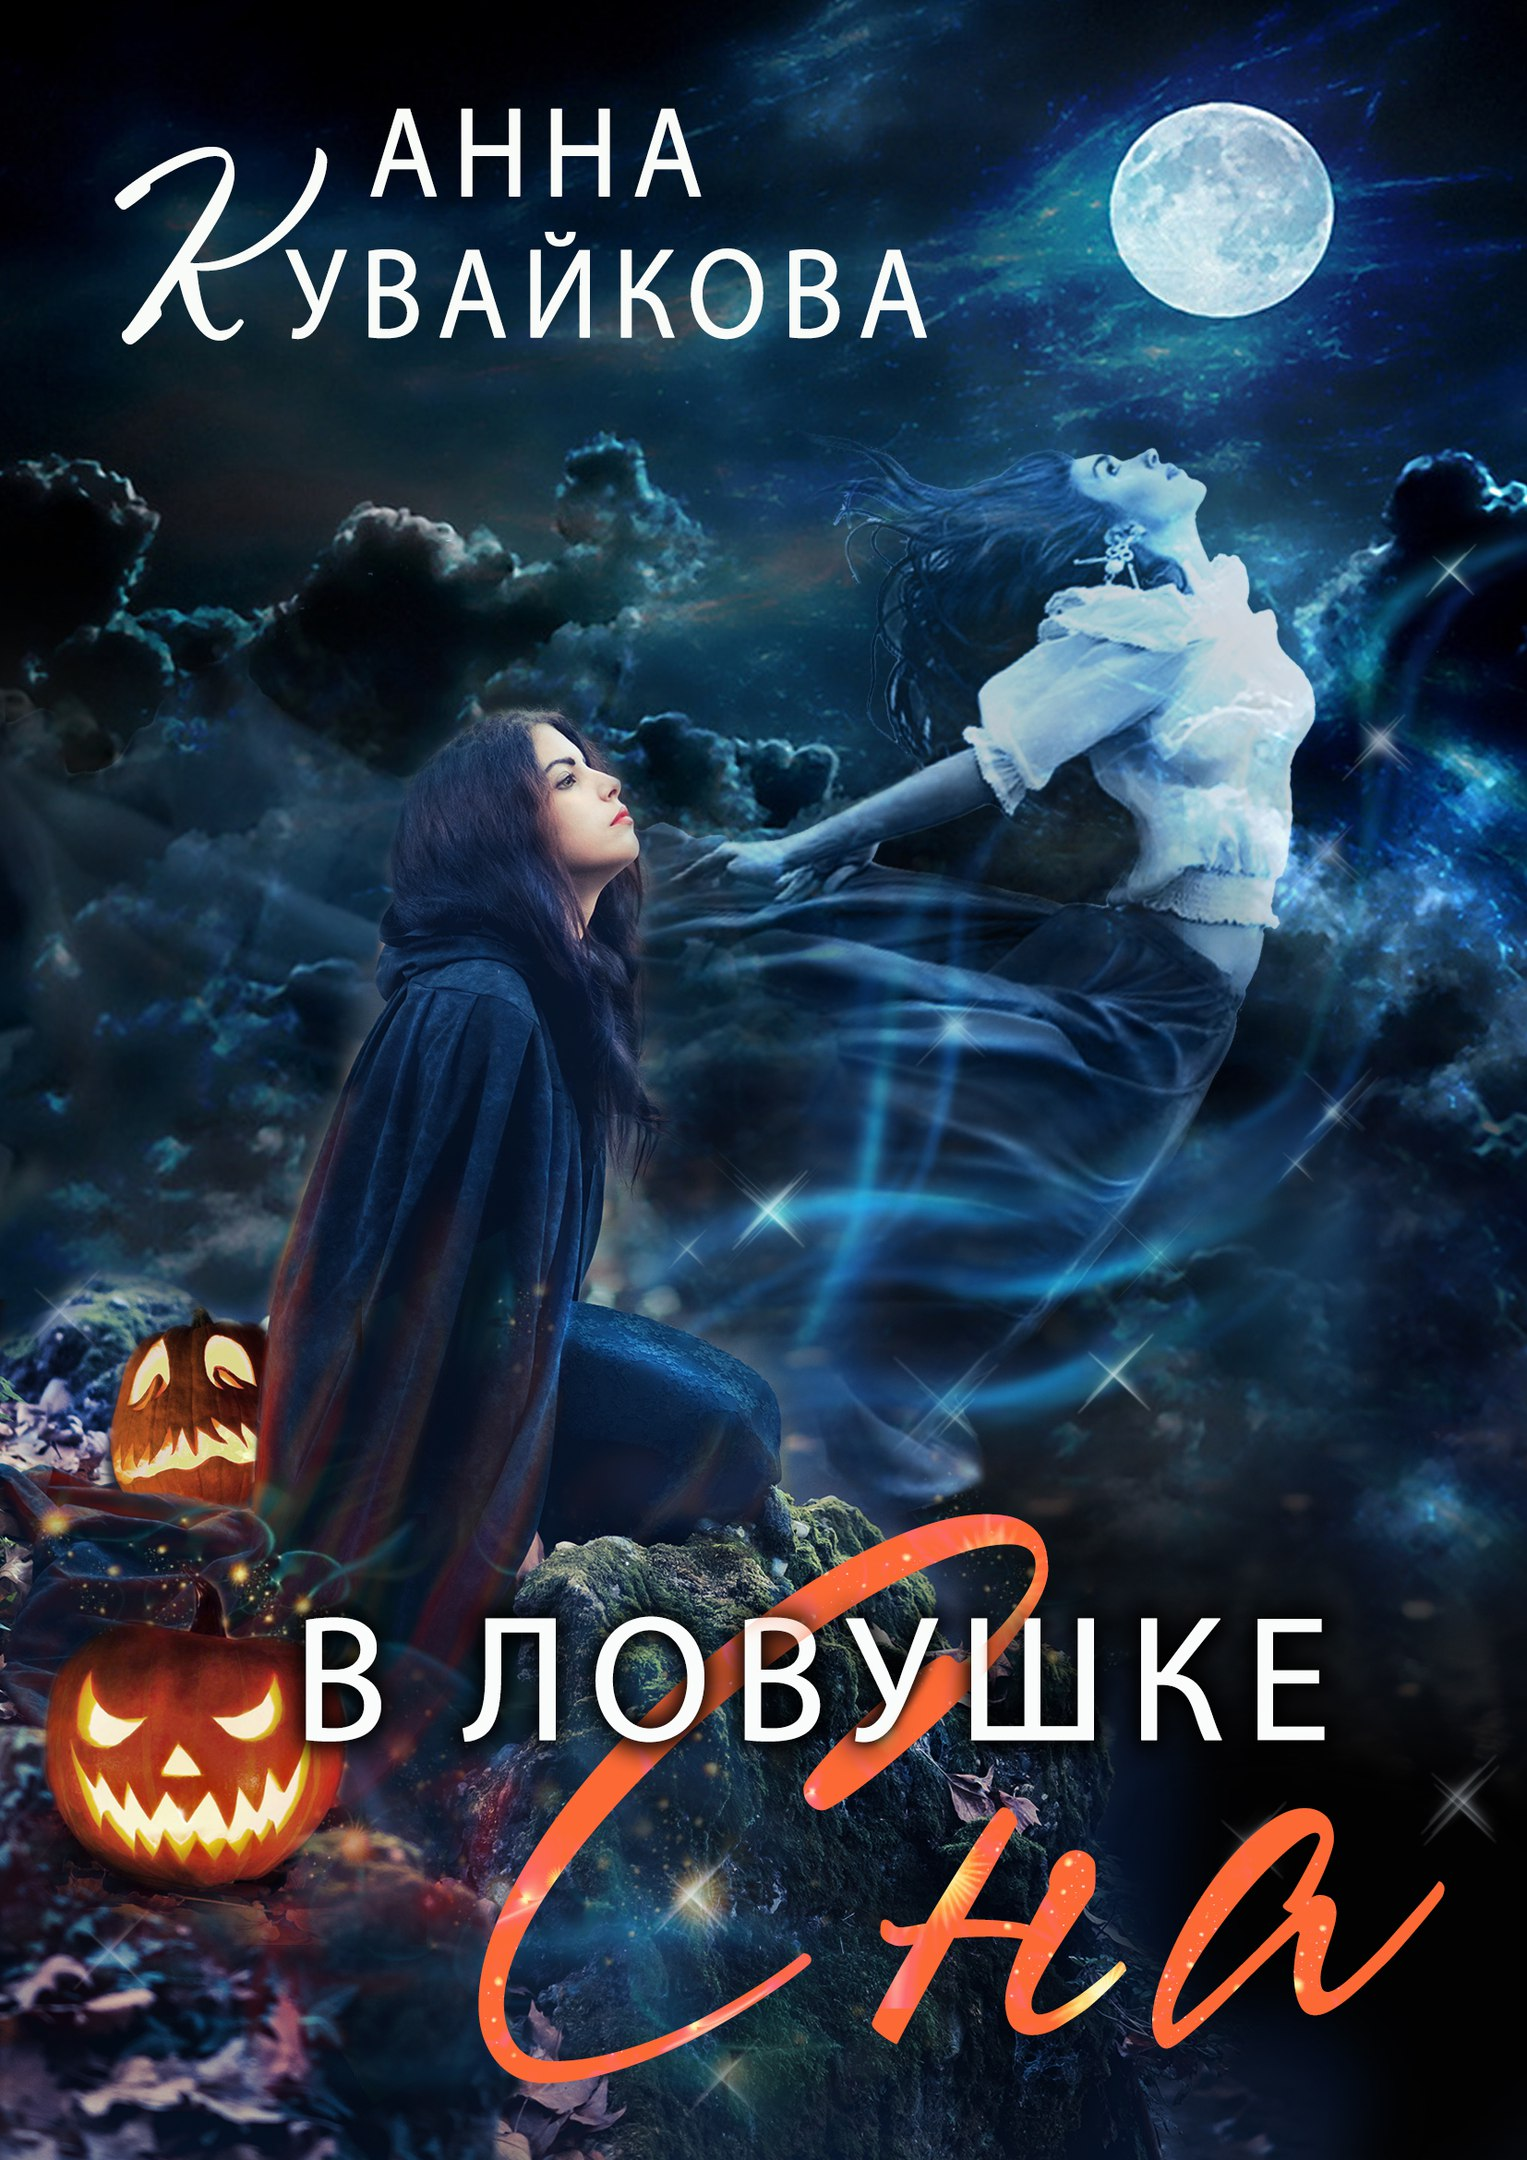 Кувайкова анна книги скачать